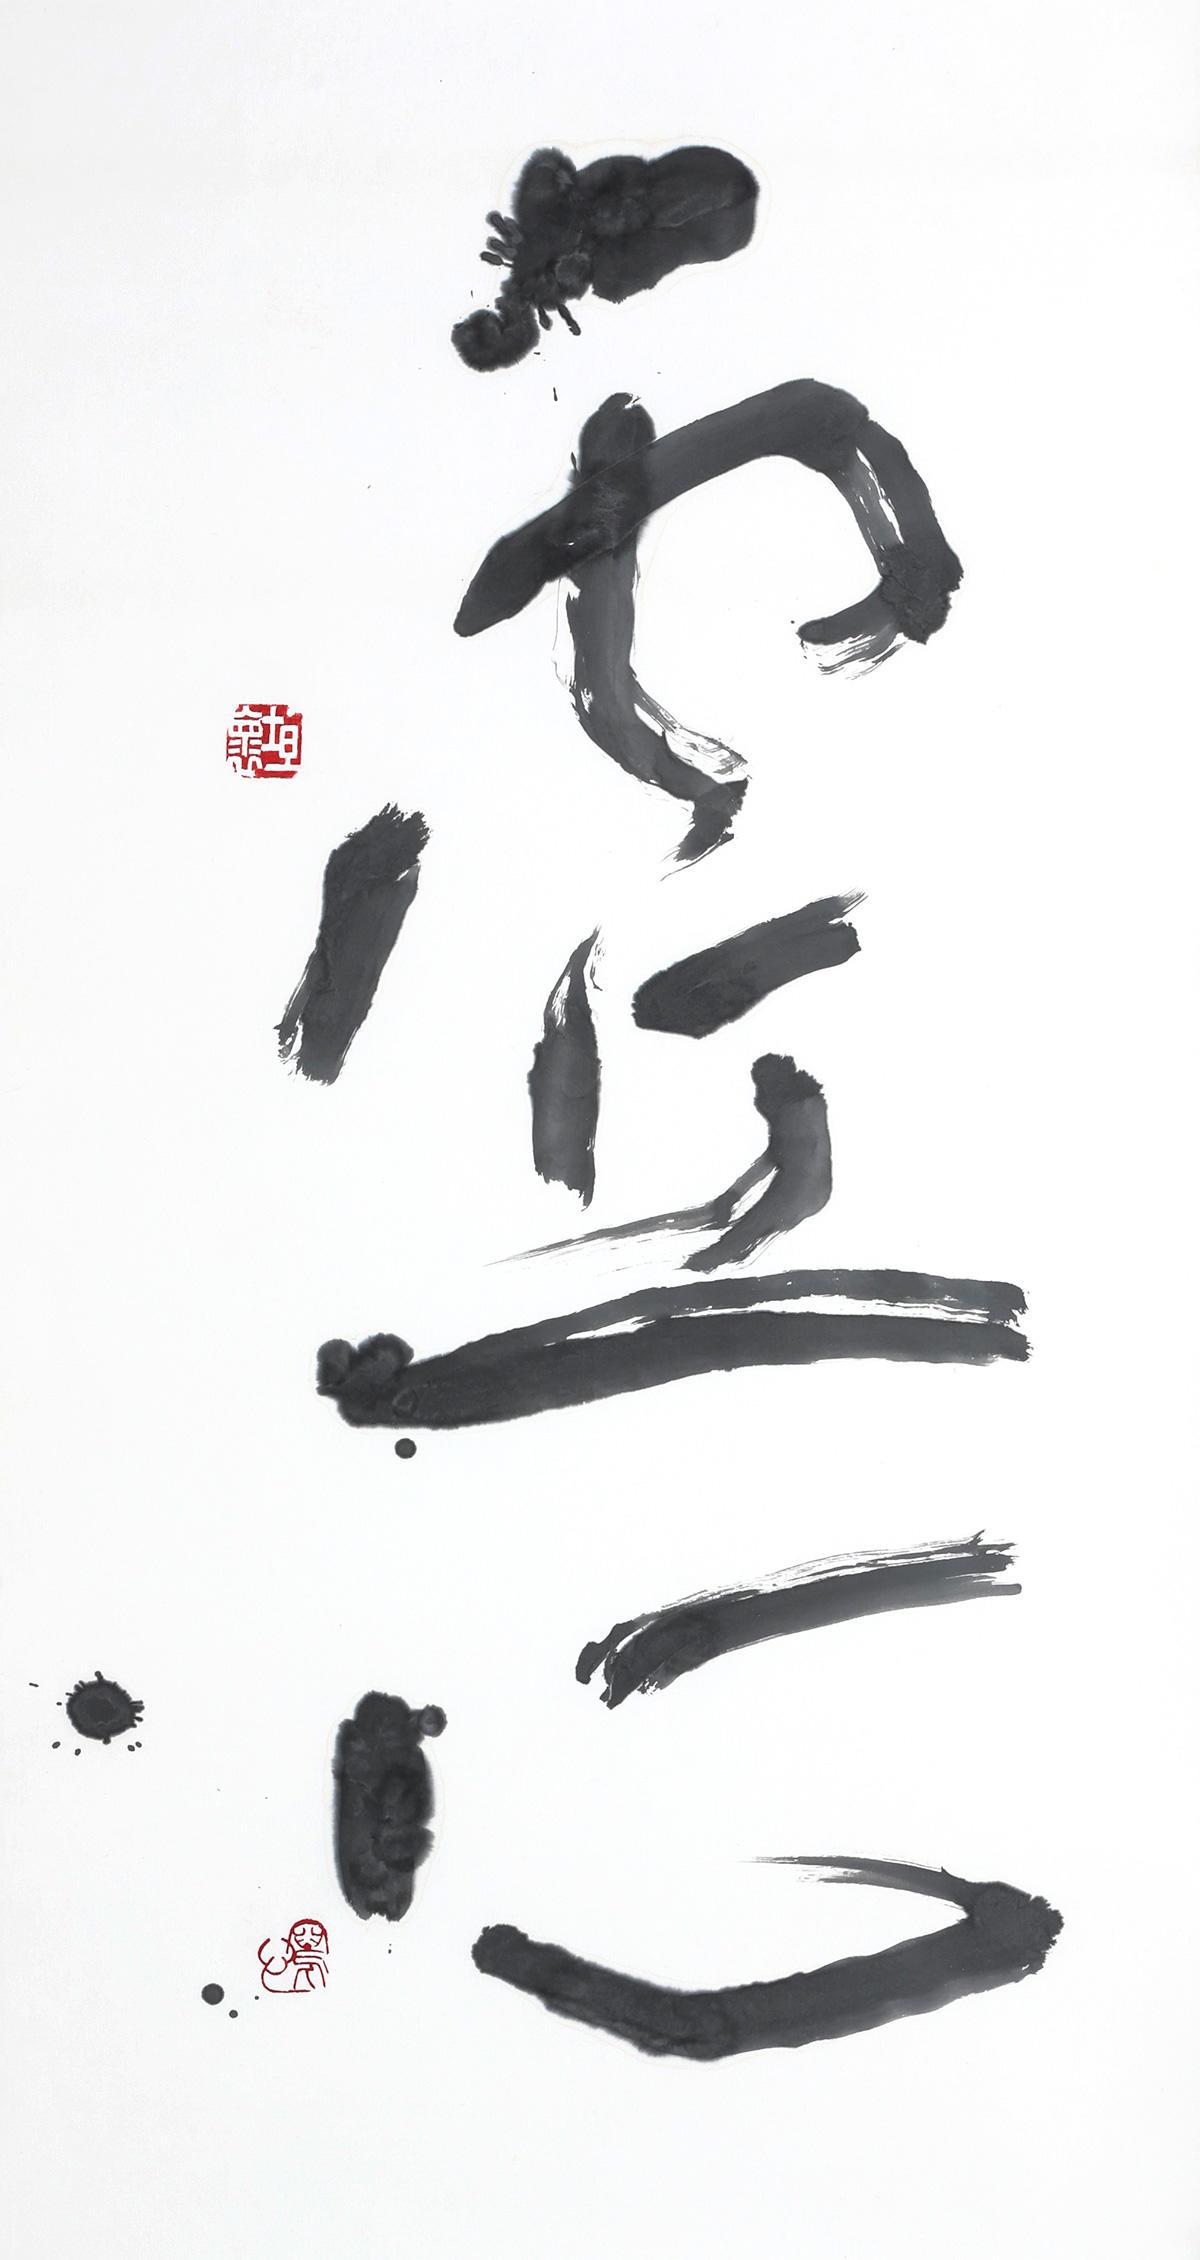 第35回記念産経国際書展出品作品「虚心」(縦180センチ×横90センチ)